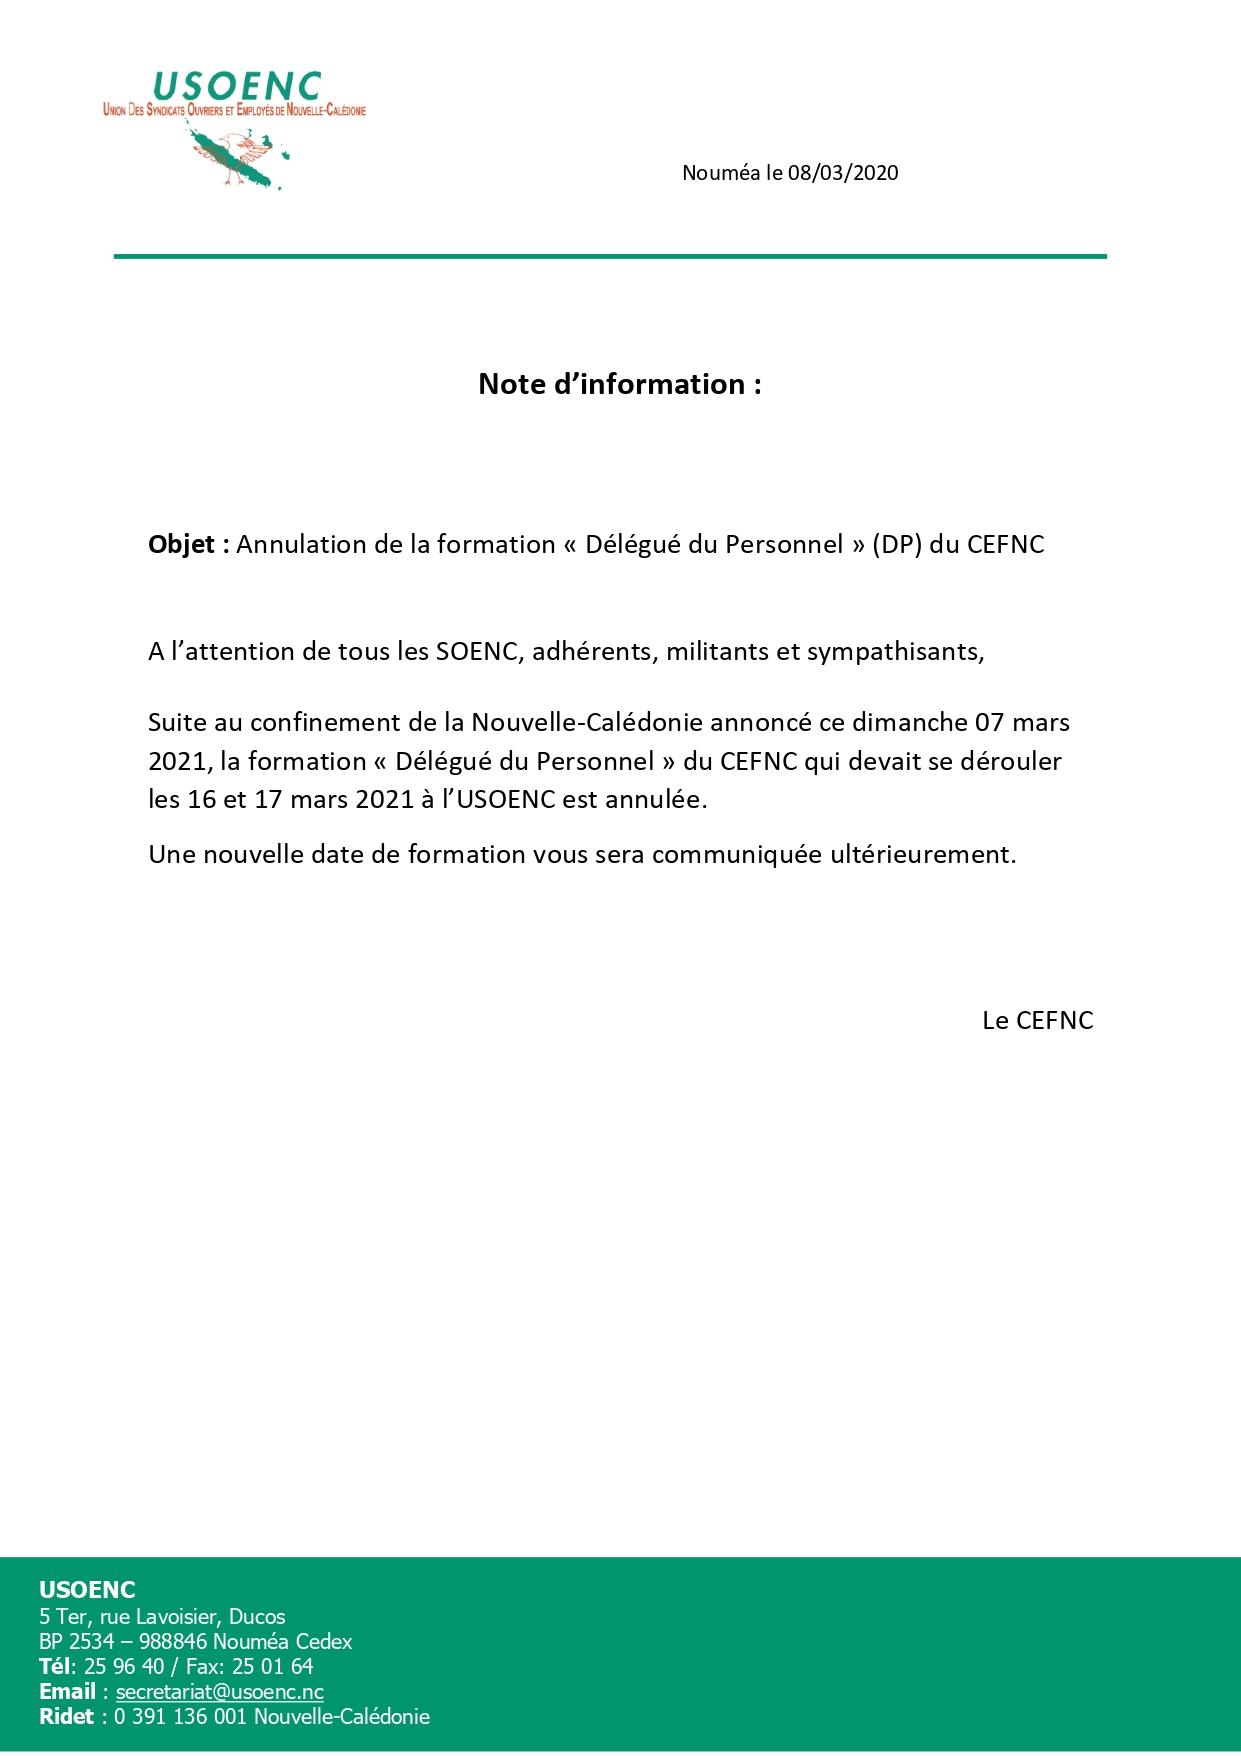 Annulation de la formation DP du CEFNC